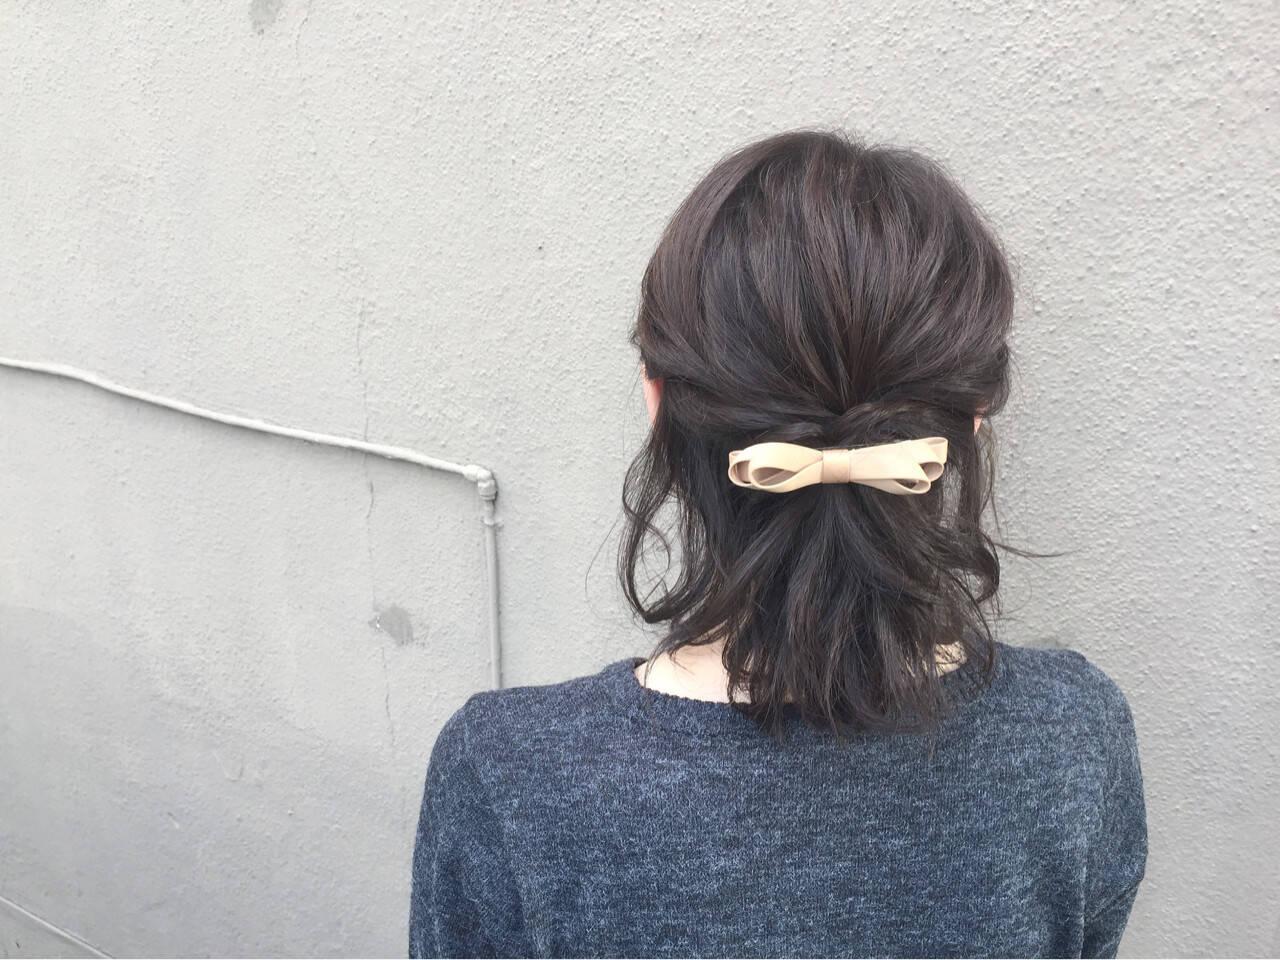 ボブ ヘアアクセ ハーフアップ 簡単ヘアアレンジヘアスタイルや髪型の写真・画像